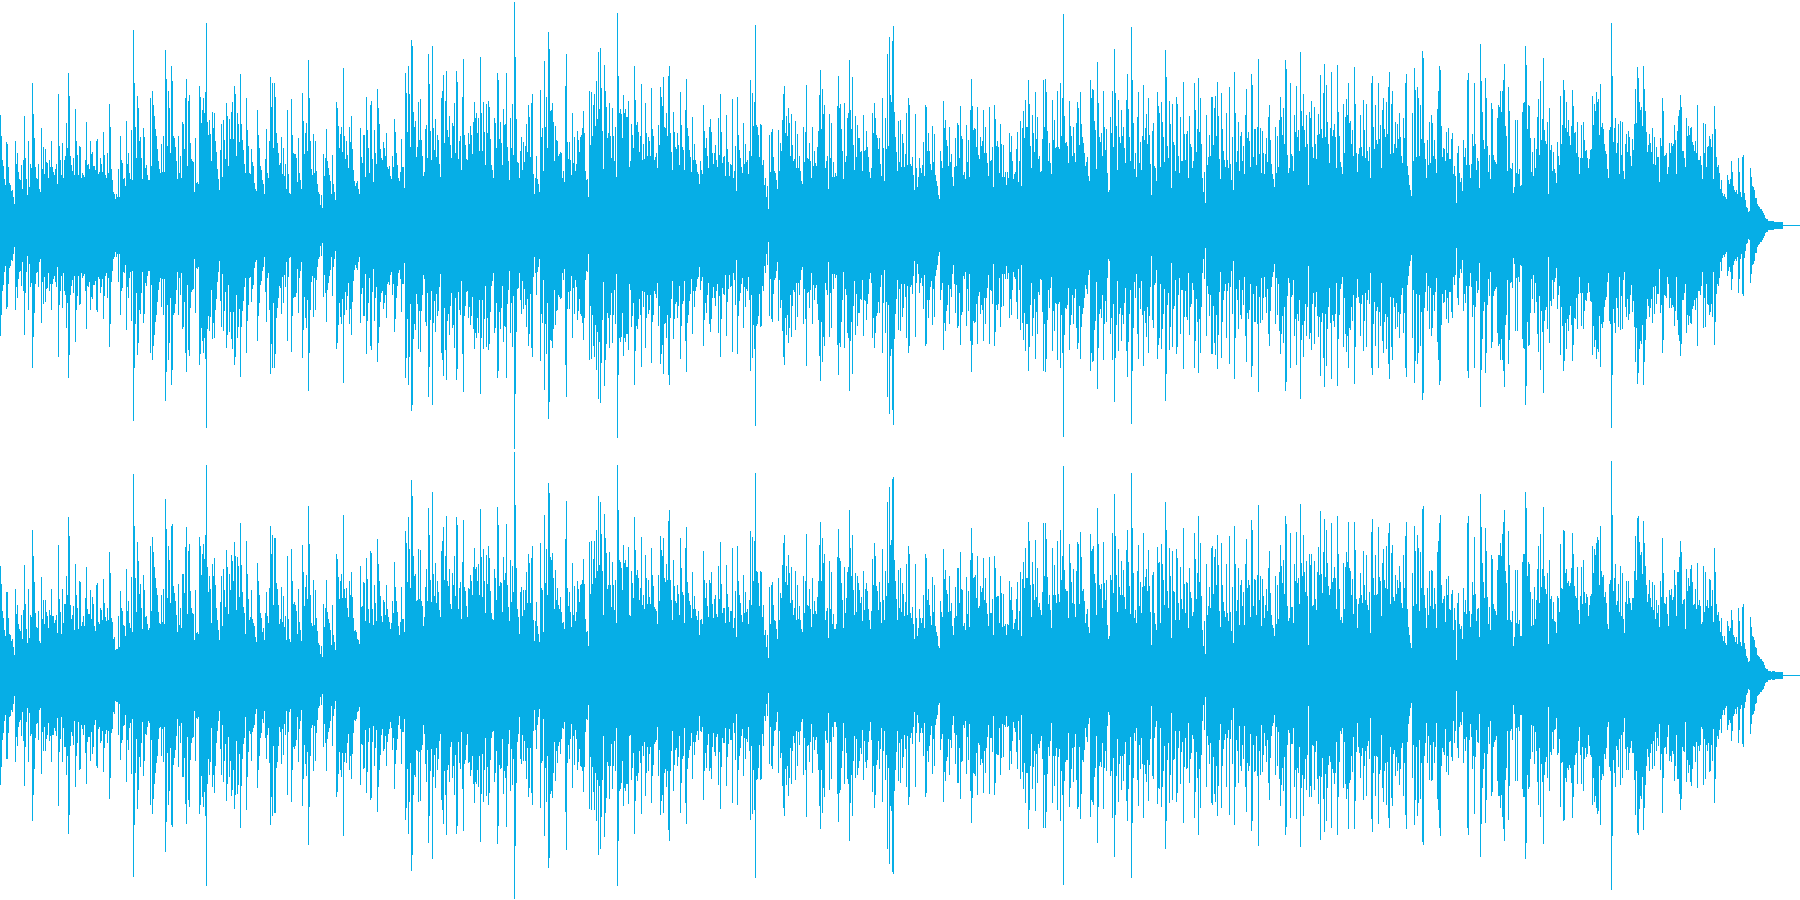 スローなピアノジャズボサノバの再生済みの波形